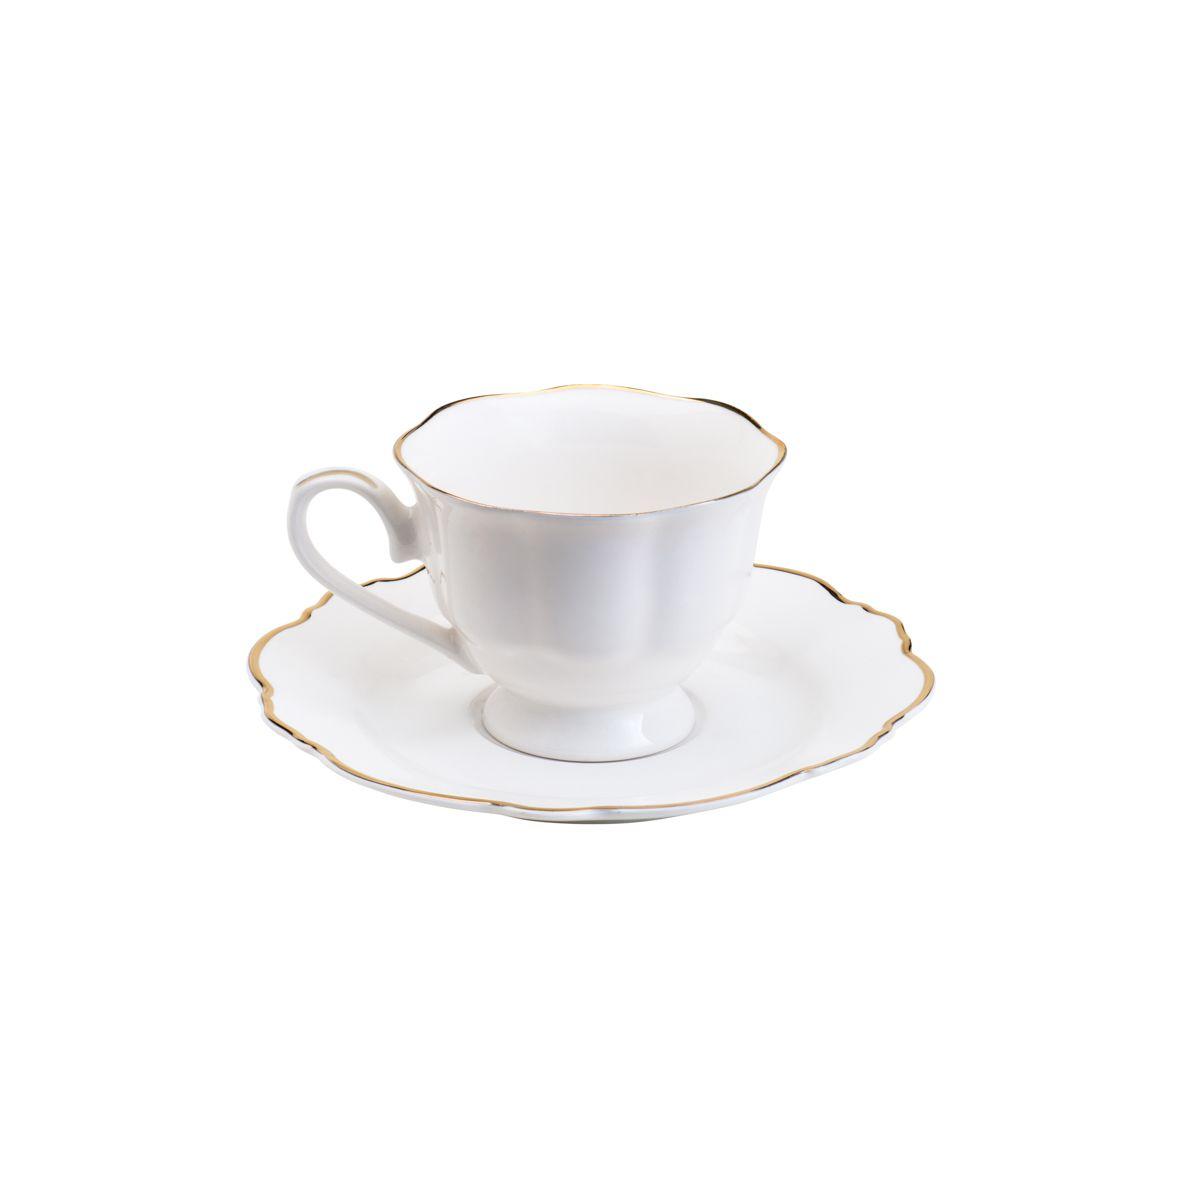 Conjunto 6 Xicaras de Café com Pires de Porcelana Fio Dourado Branco 80ml